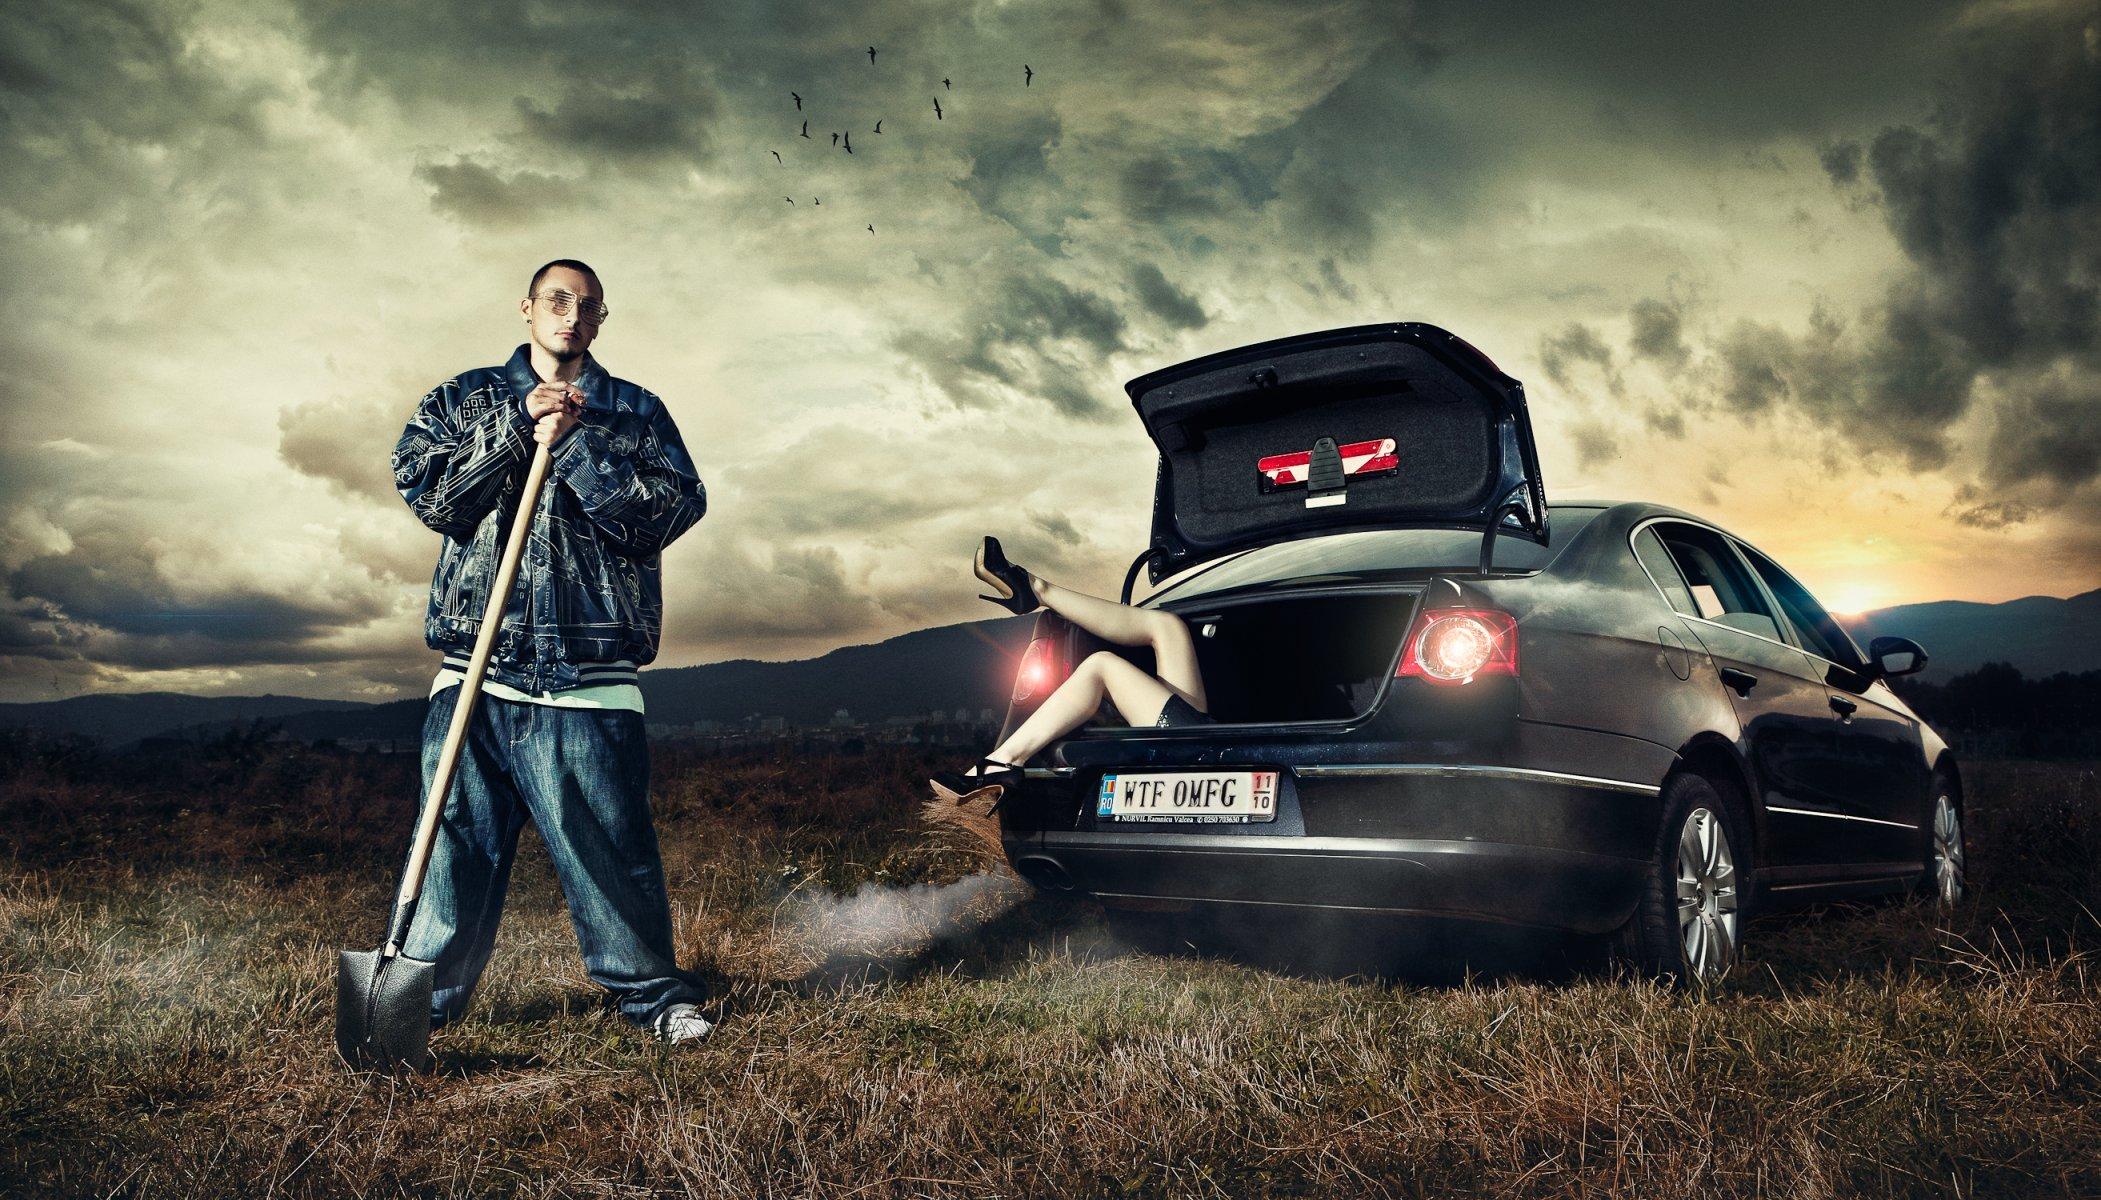 Прикольные картинки мужика с машиной, хорошему человеку открытки